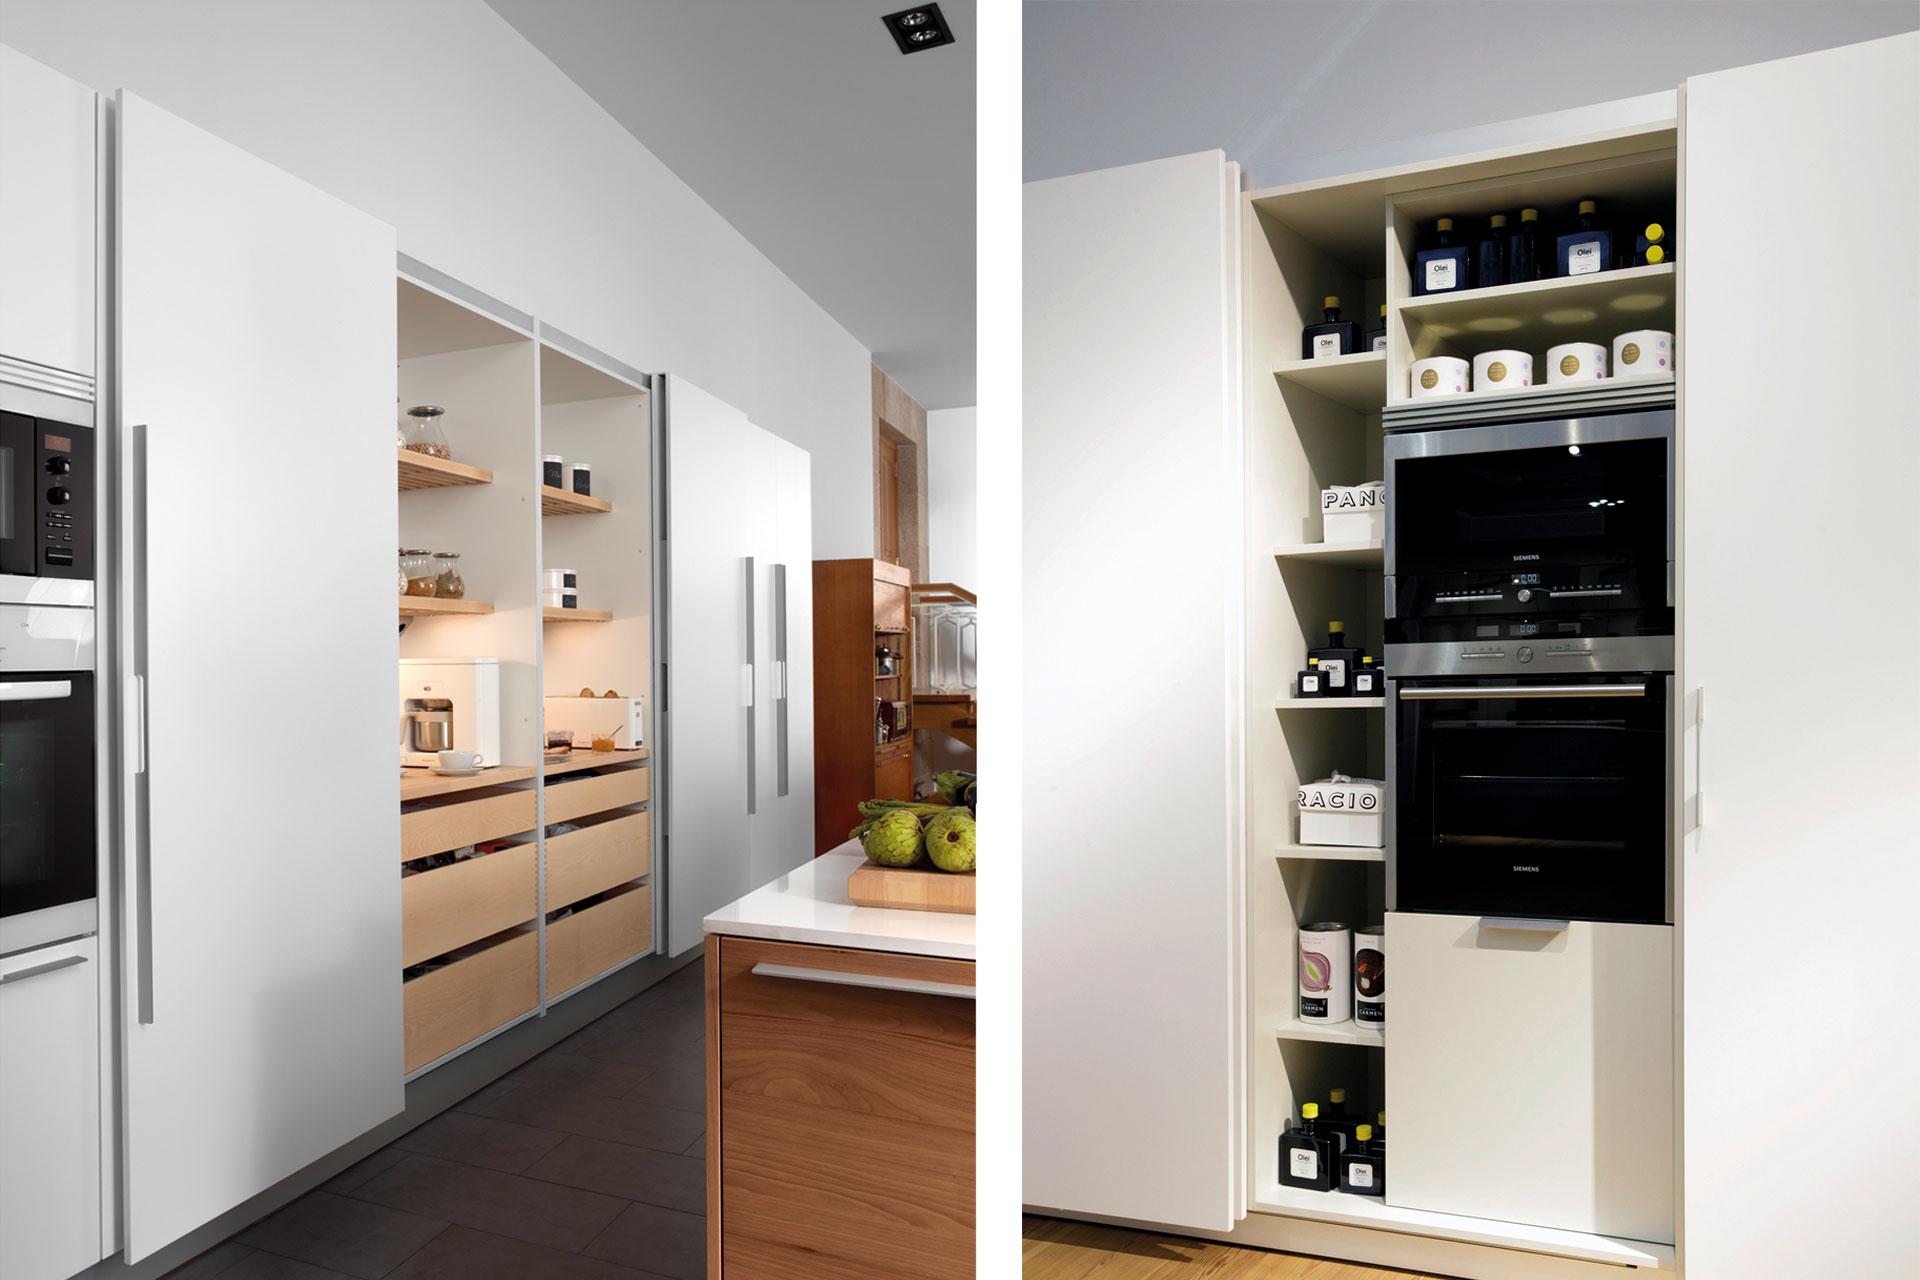 Electrodomésticos integrados: espacios limpios y armónicos | Coplanar | Cocinas Santos | Santiago Interiores